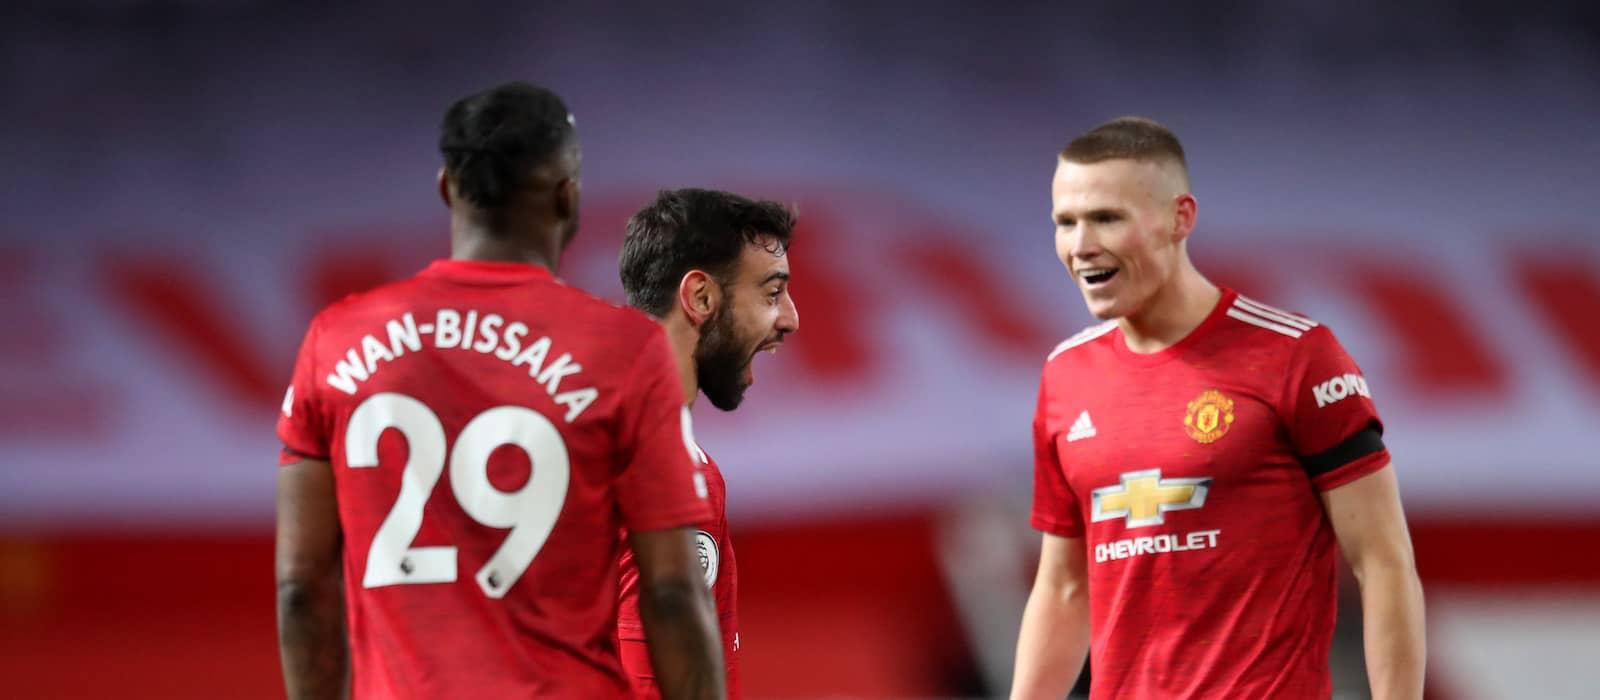 Statisticians predict Man United's final Premier League position